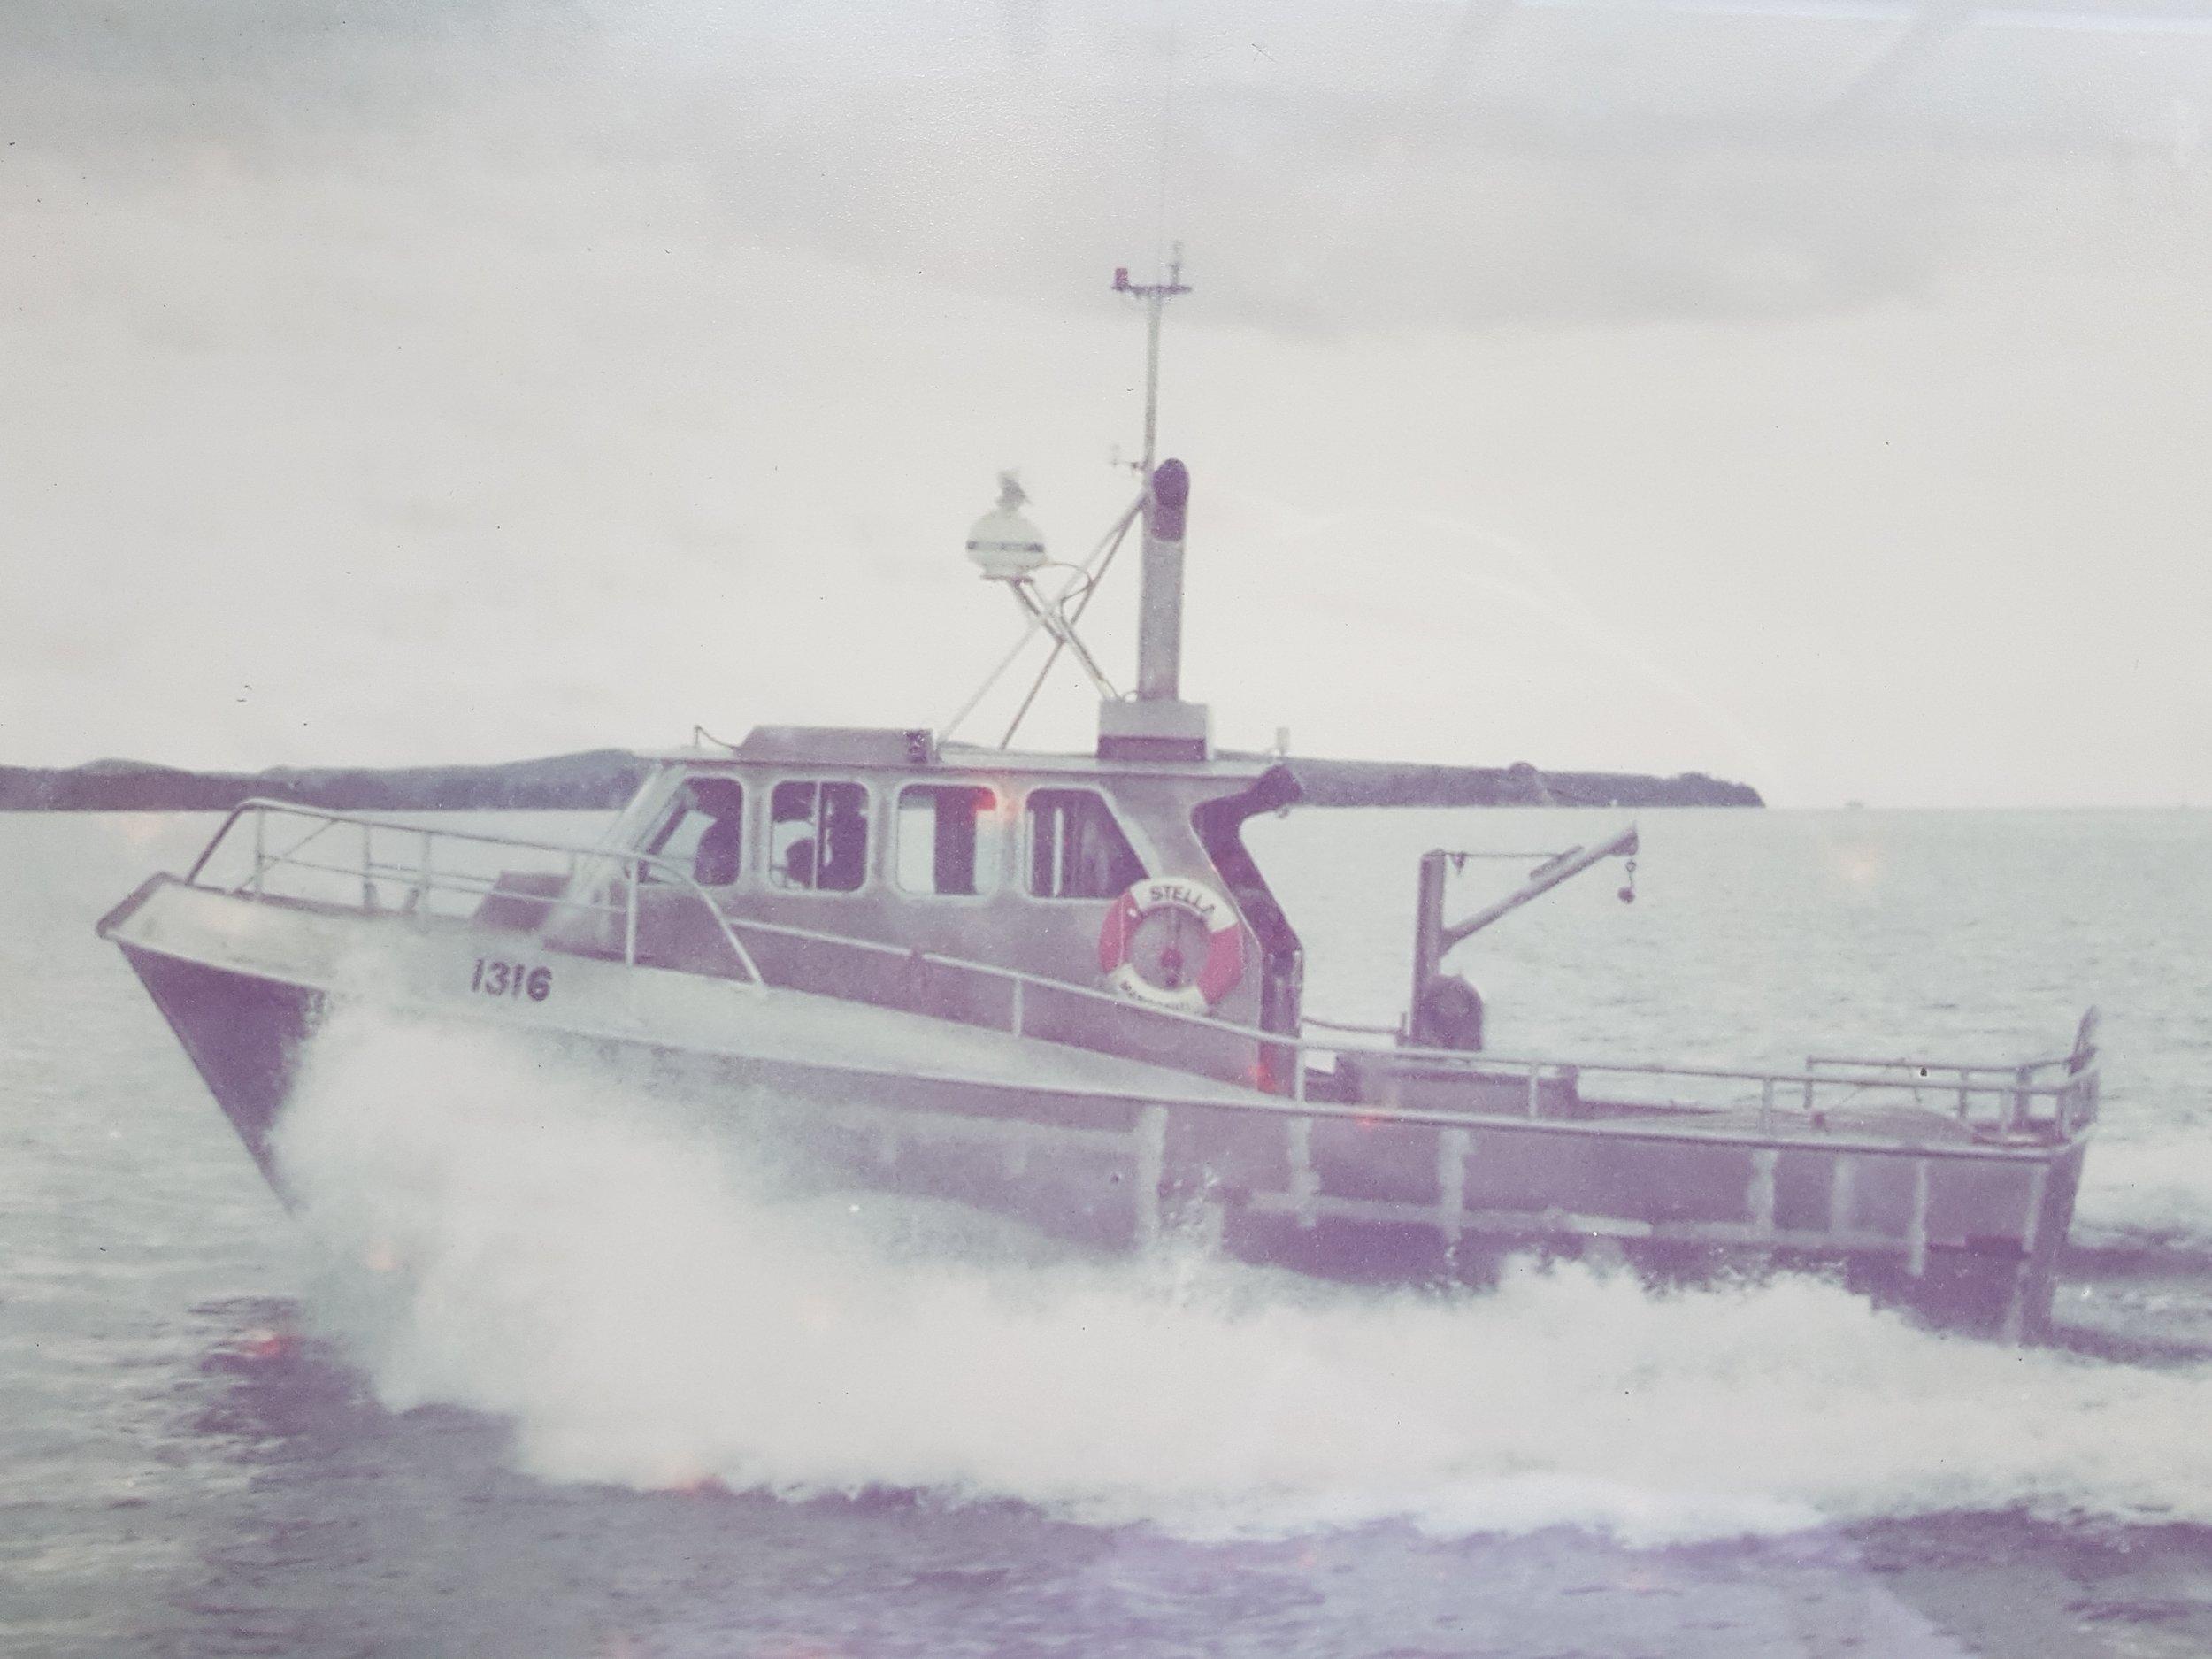 Stella - sea trials 1976.jpg